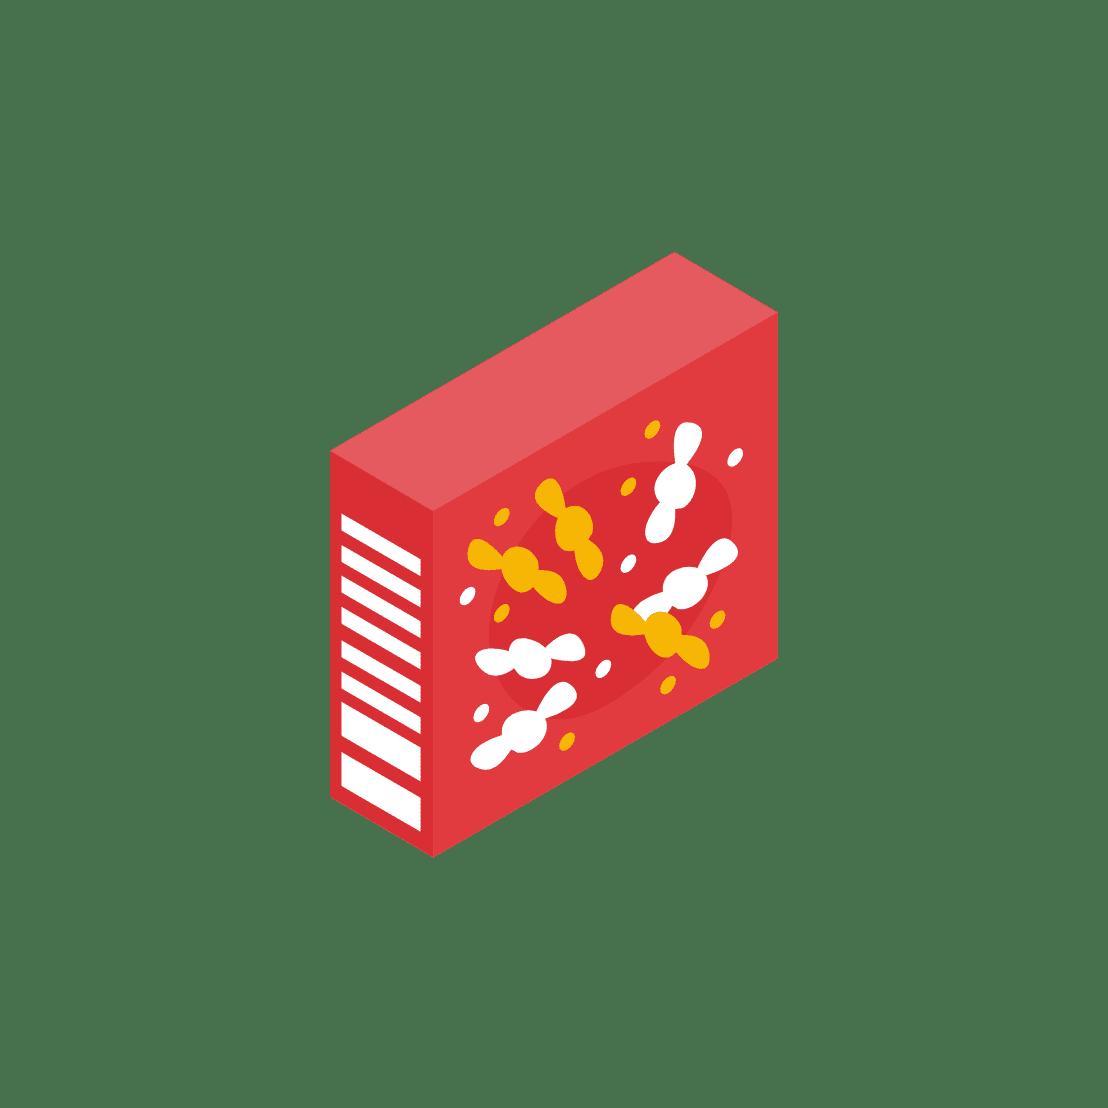 お菓子の箱